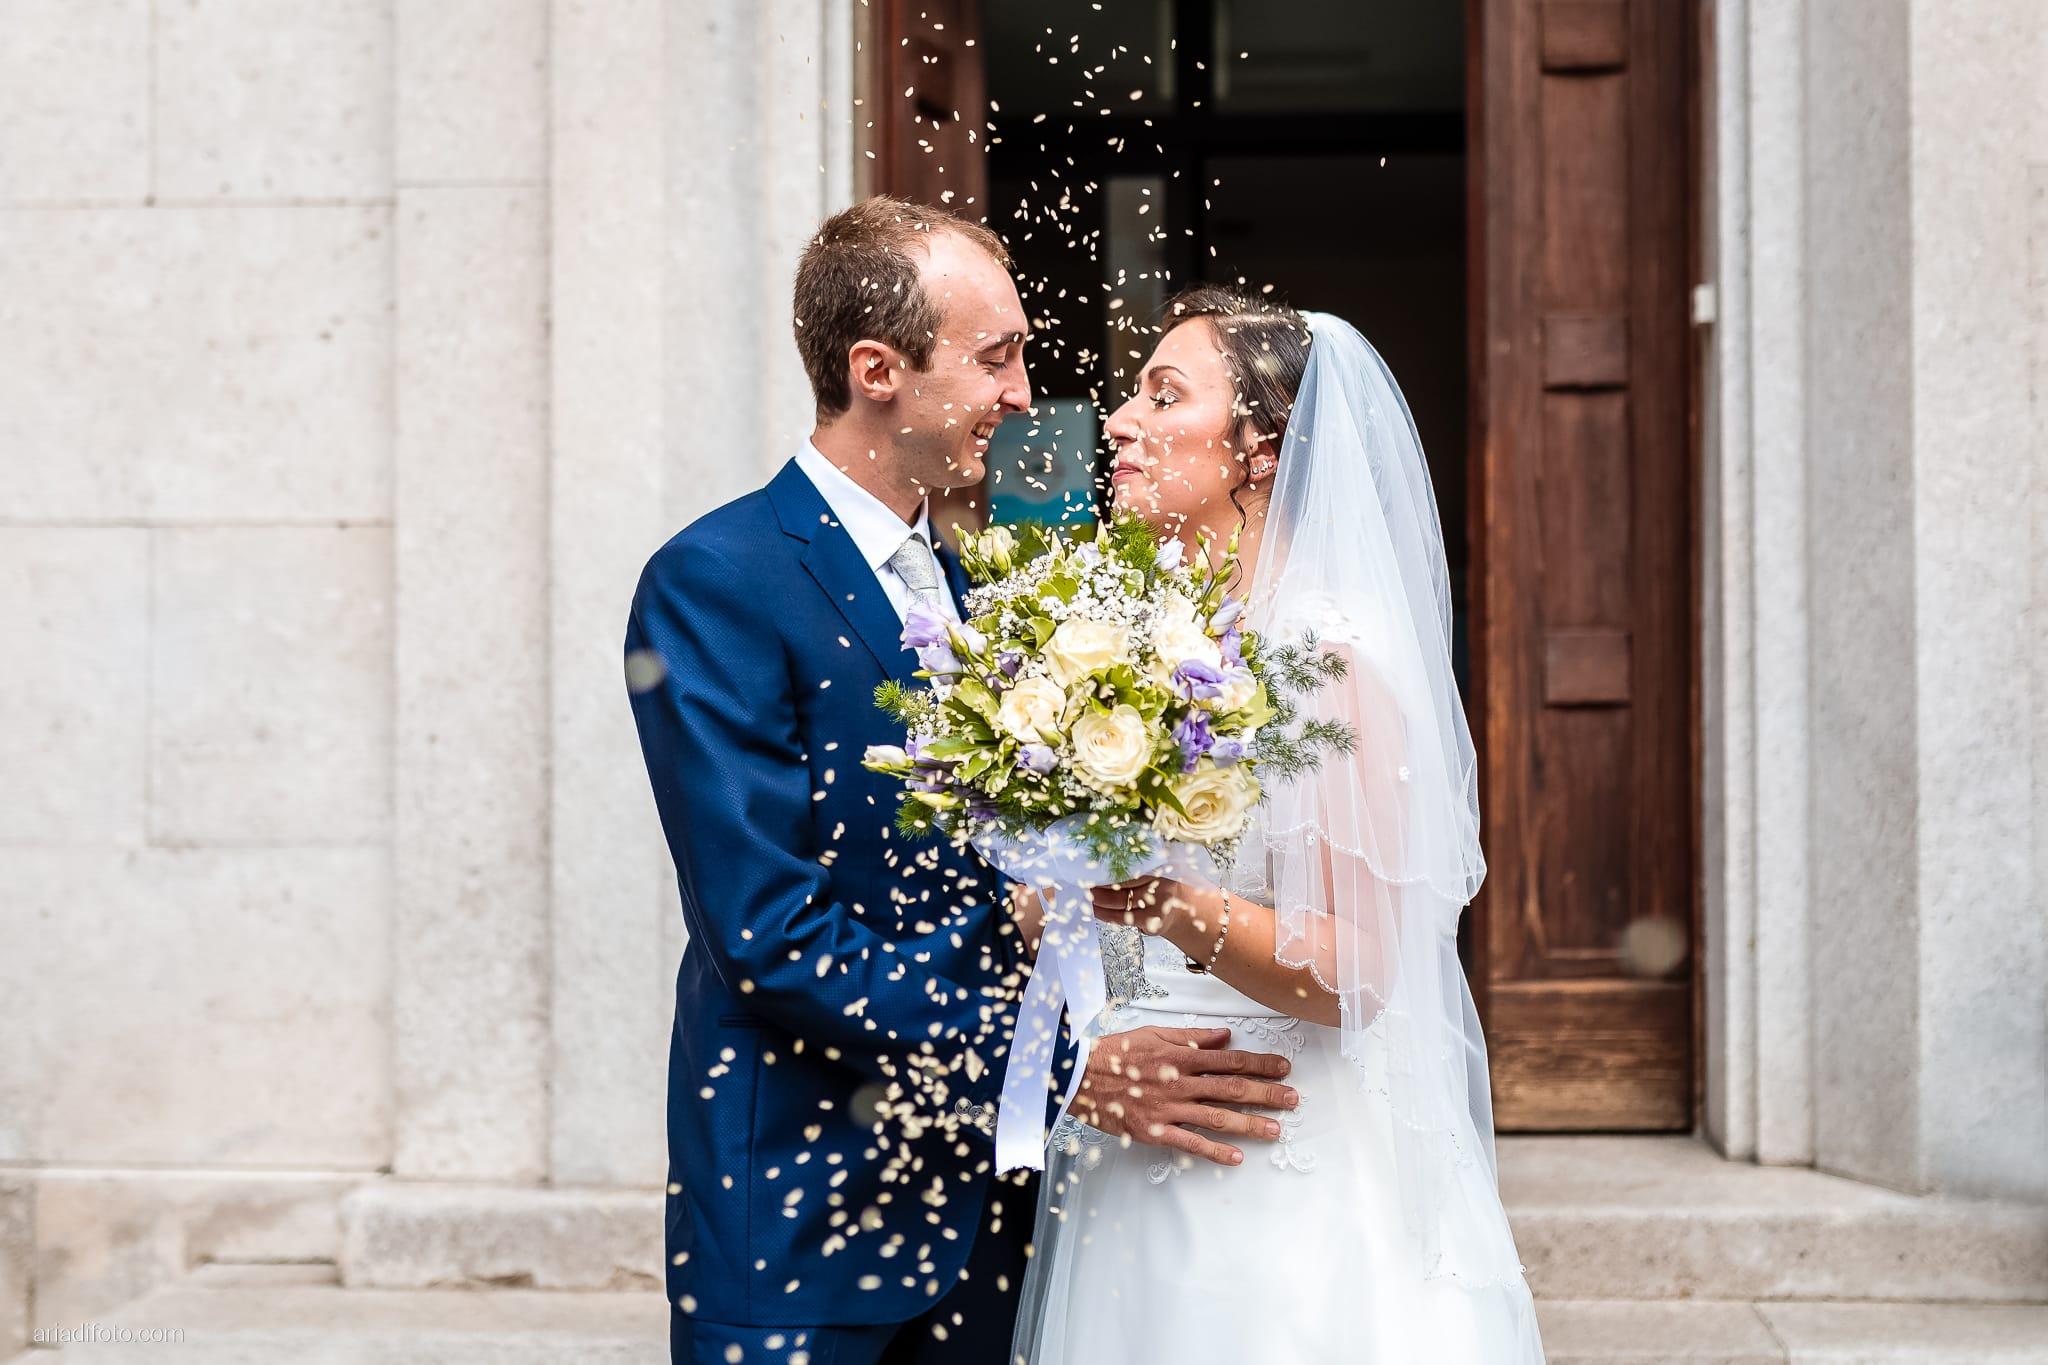 Maria Emanuela Fabio Matrimonio Muggia Porto Vecchio Agriturismo Hermada Duino Trieste cerimonia lancio del riso